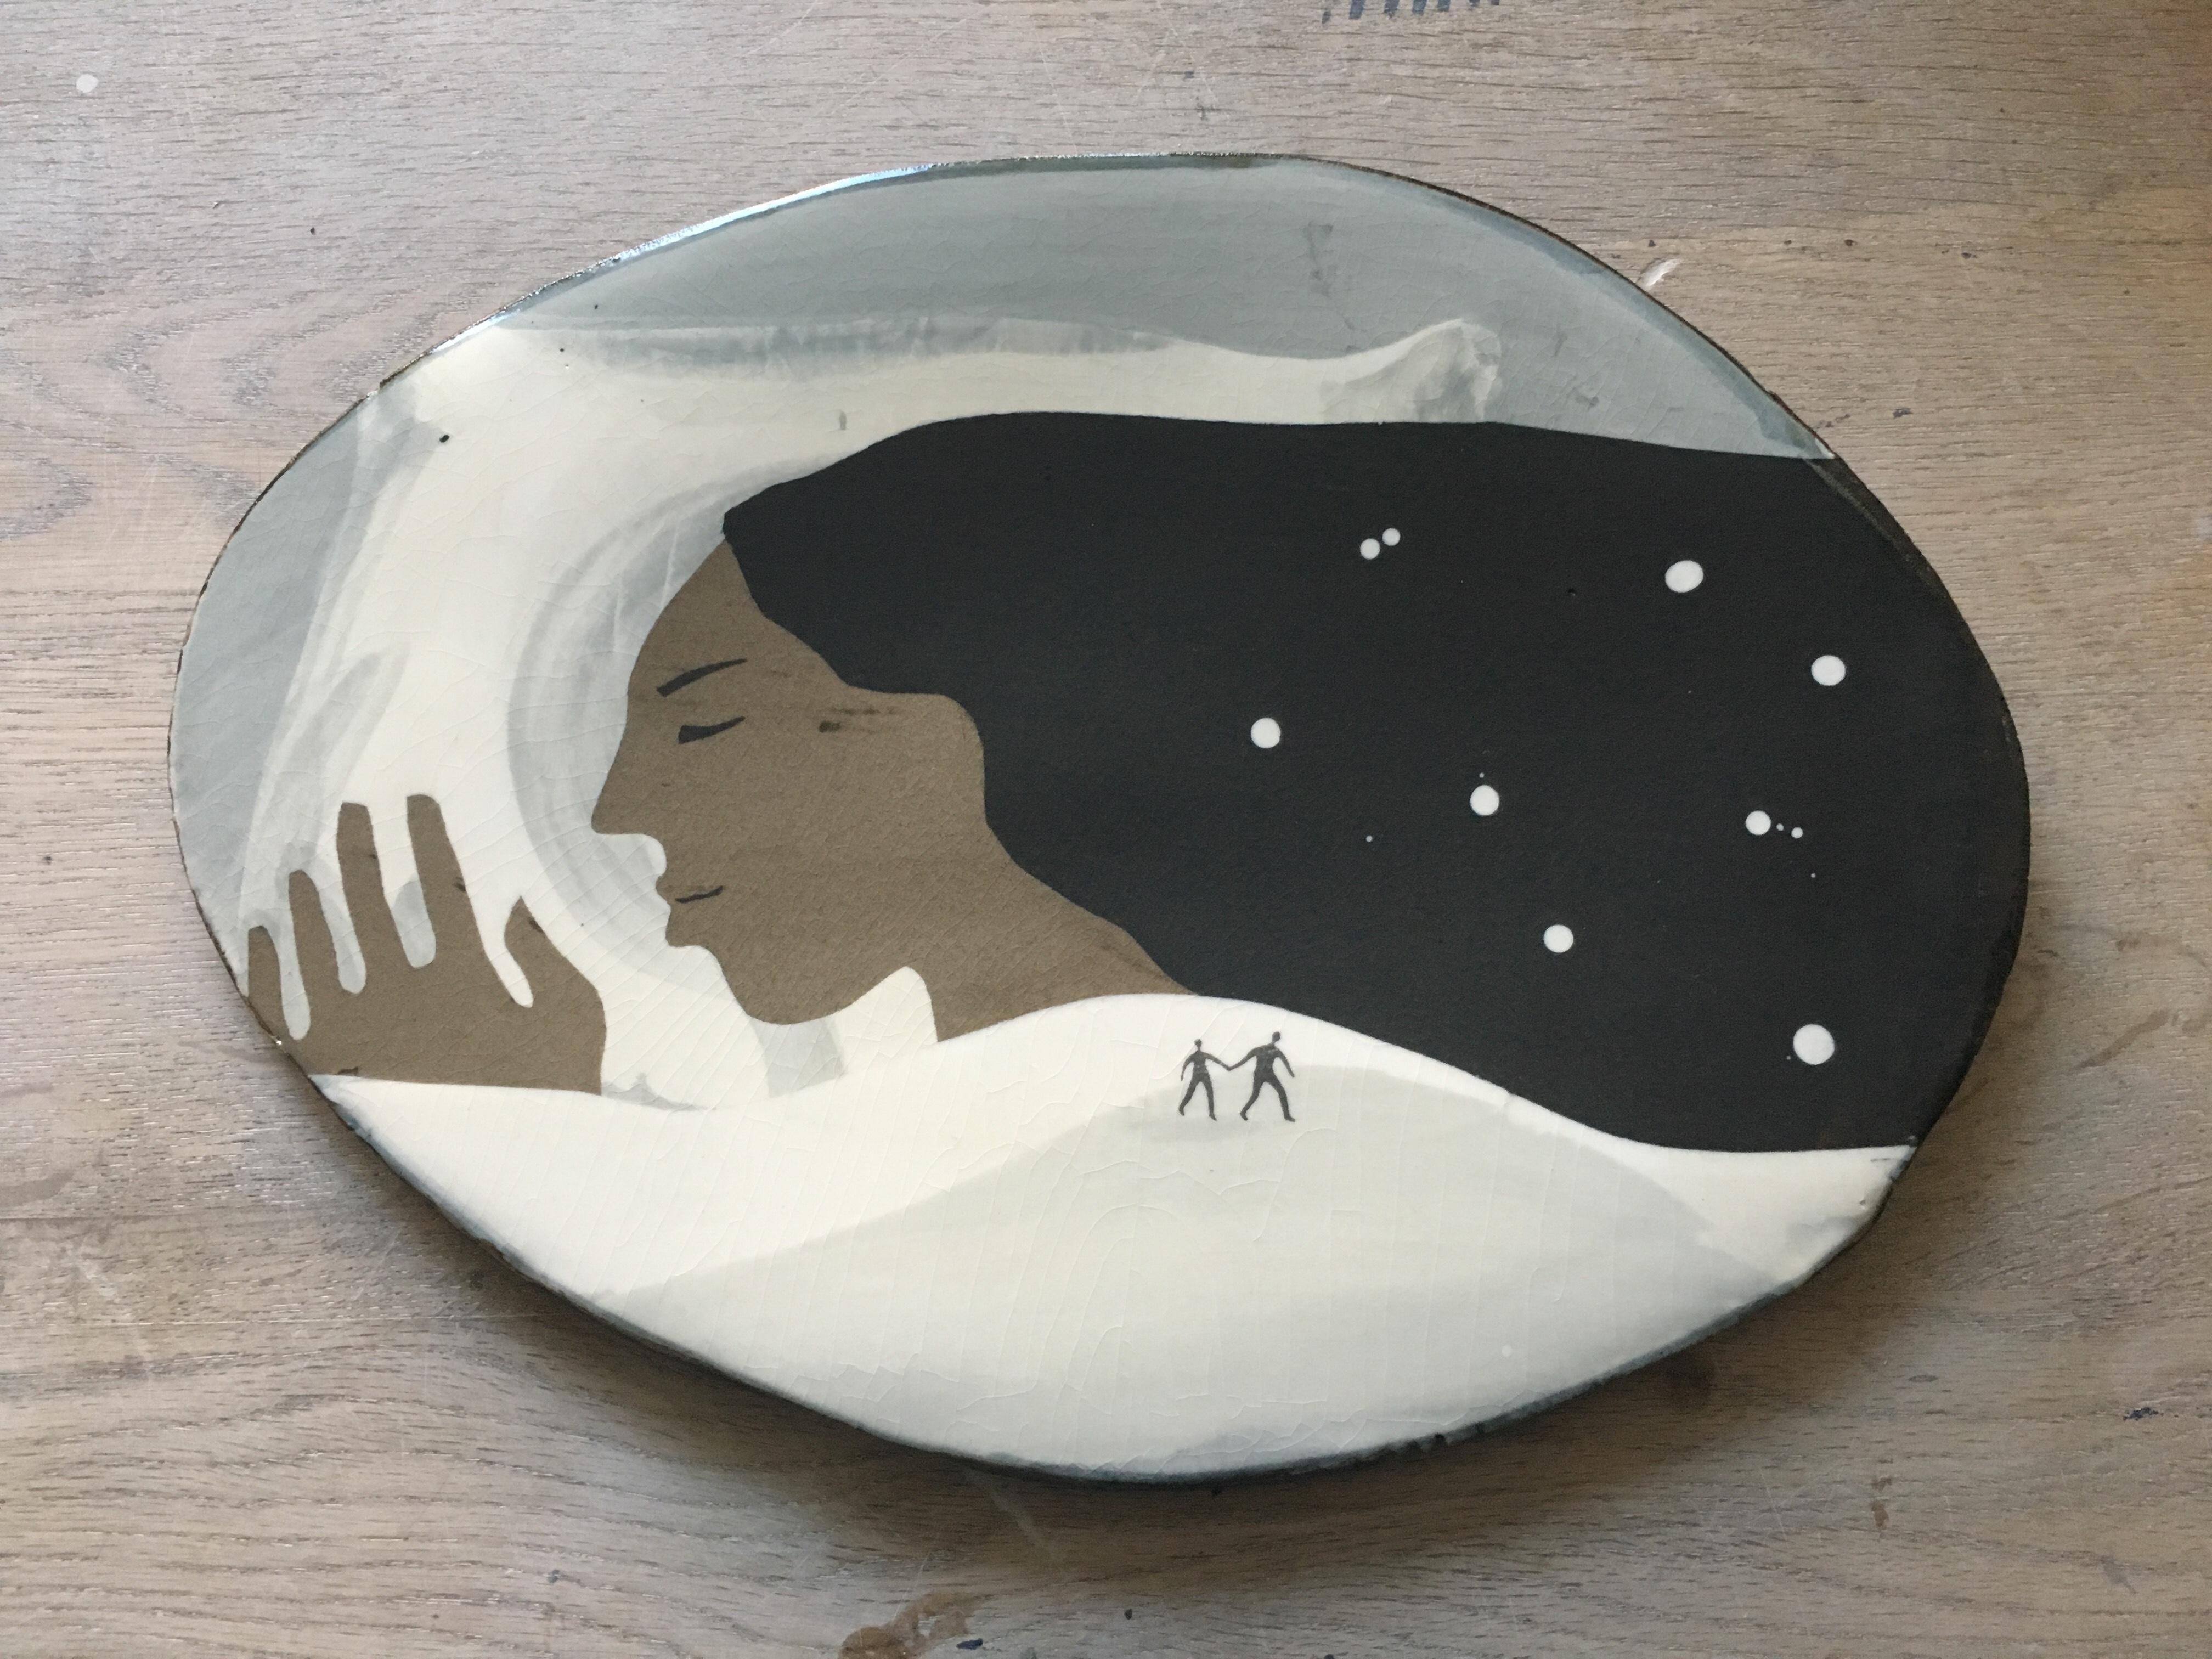 Dreamer plate